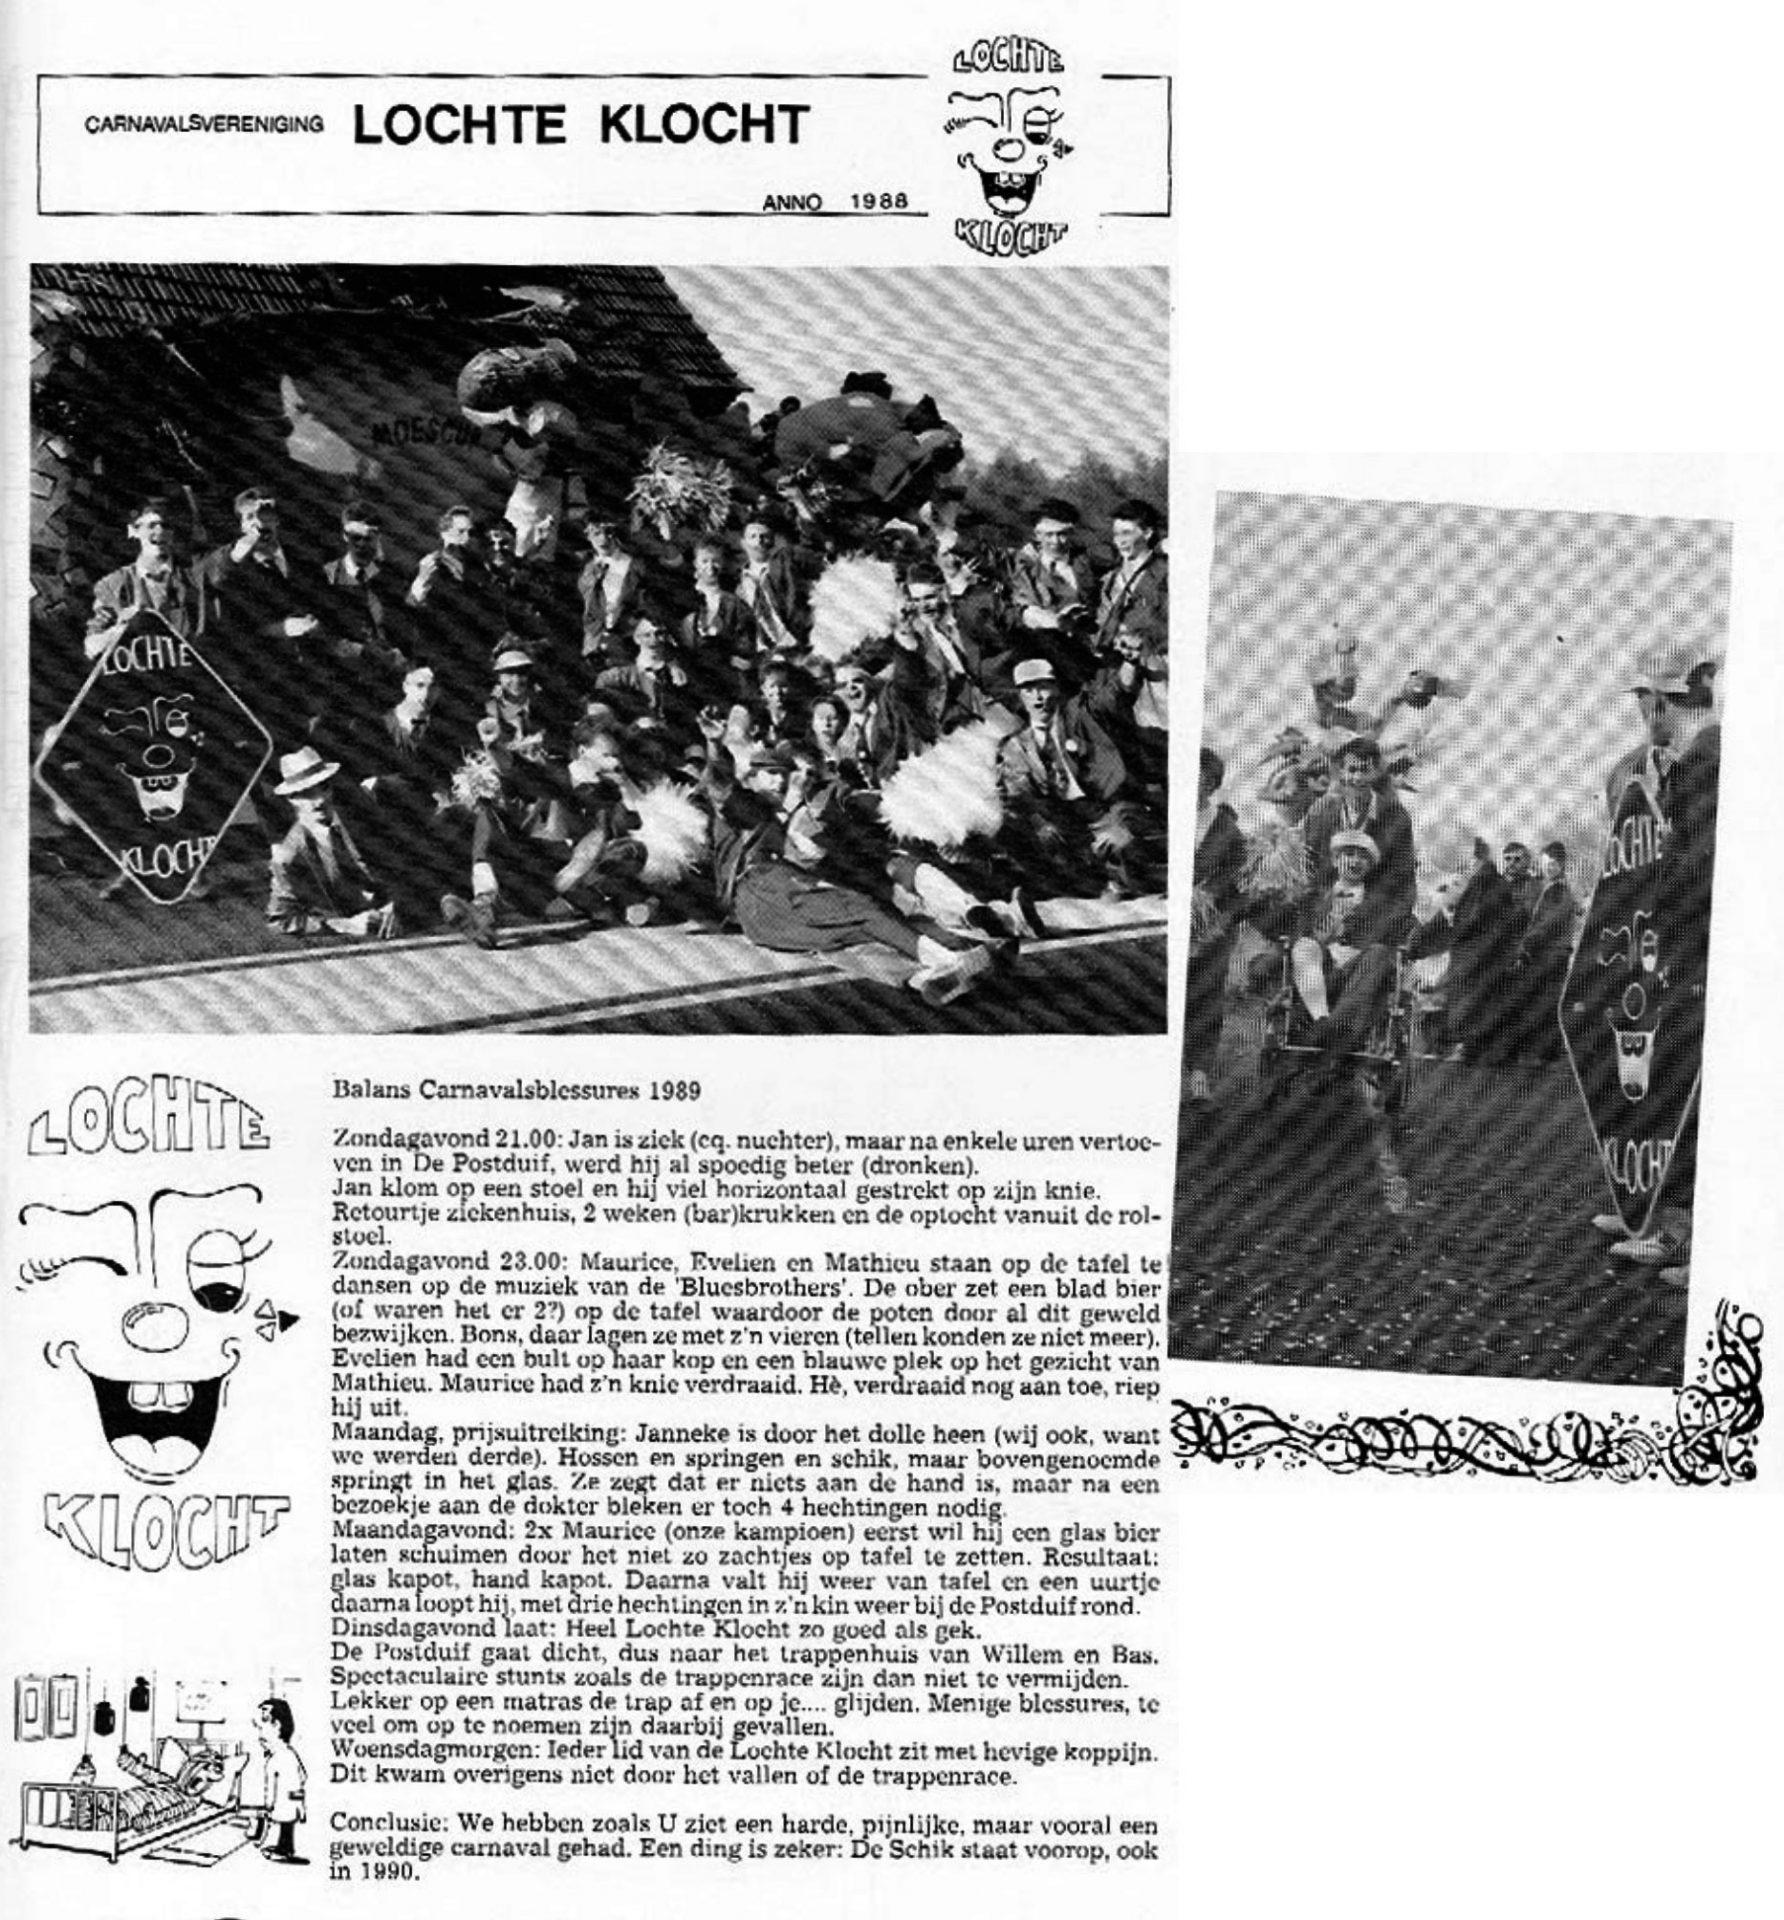 Stukje uit de carnavalskrant van Lochte Klocht - 1990